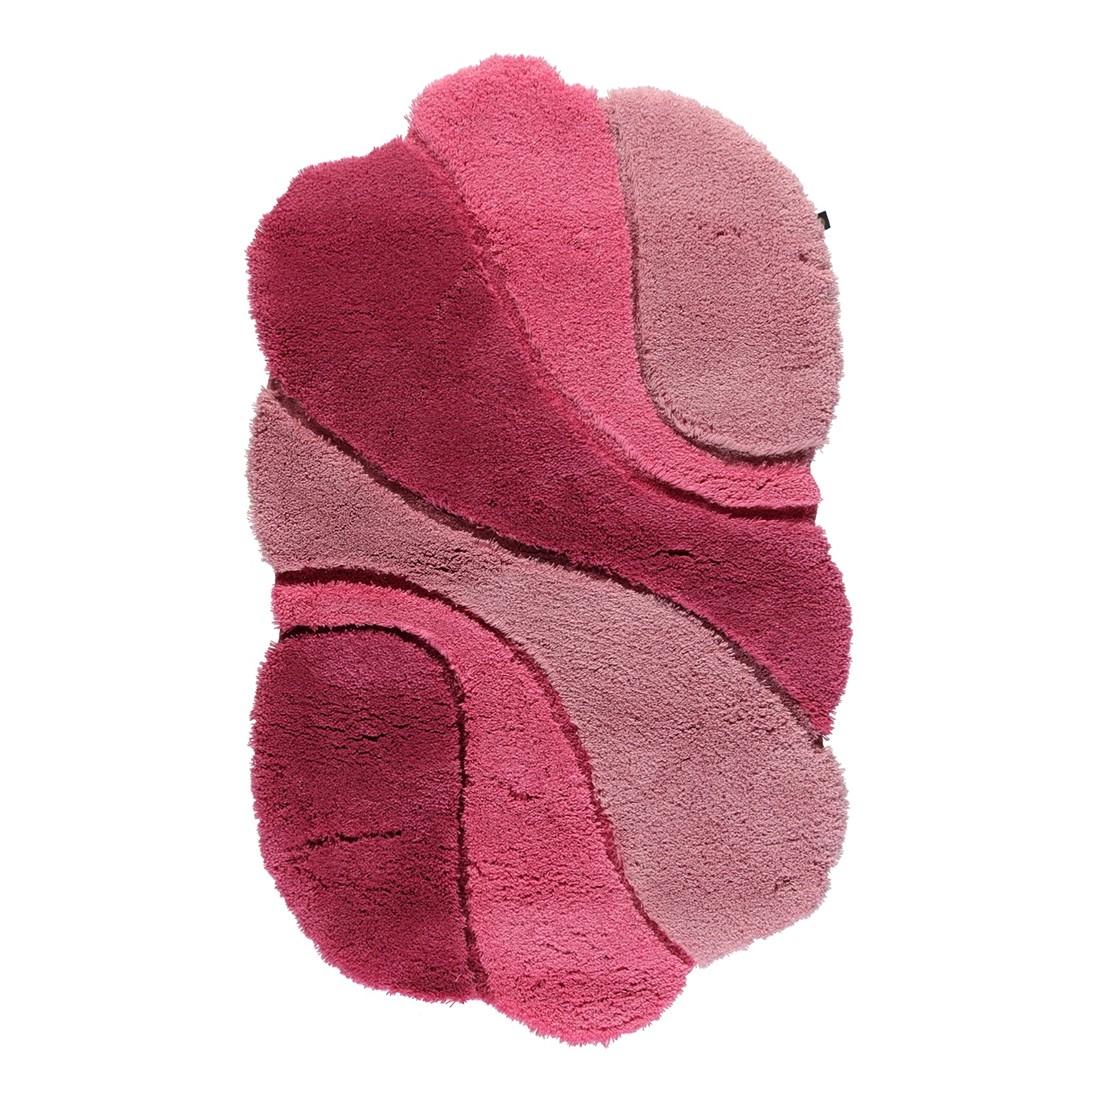 Badteppich Ambiente – 100% Polyacryl malve/hibiskus/magnolia – 1304 – Abmessungen: 70 x 130 cm, Rhomtuft günstig bestellen